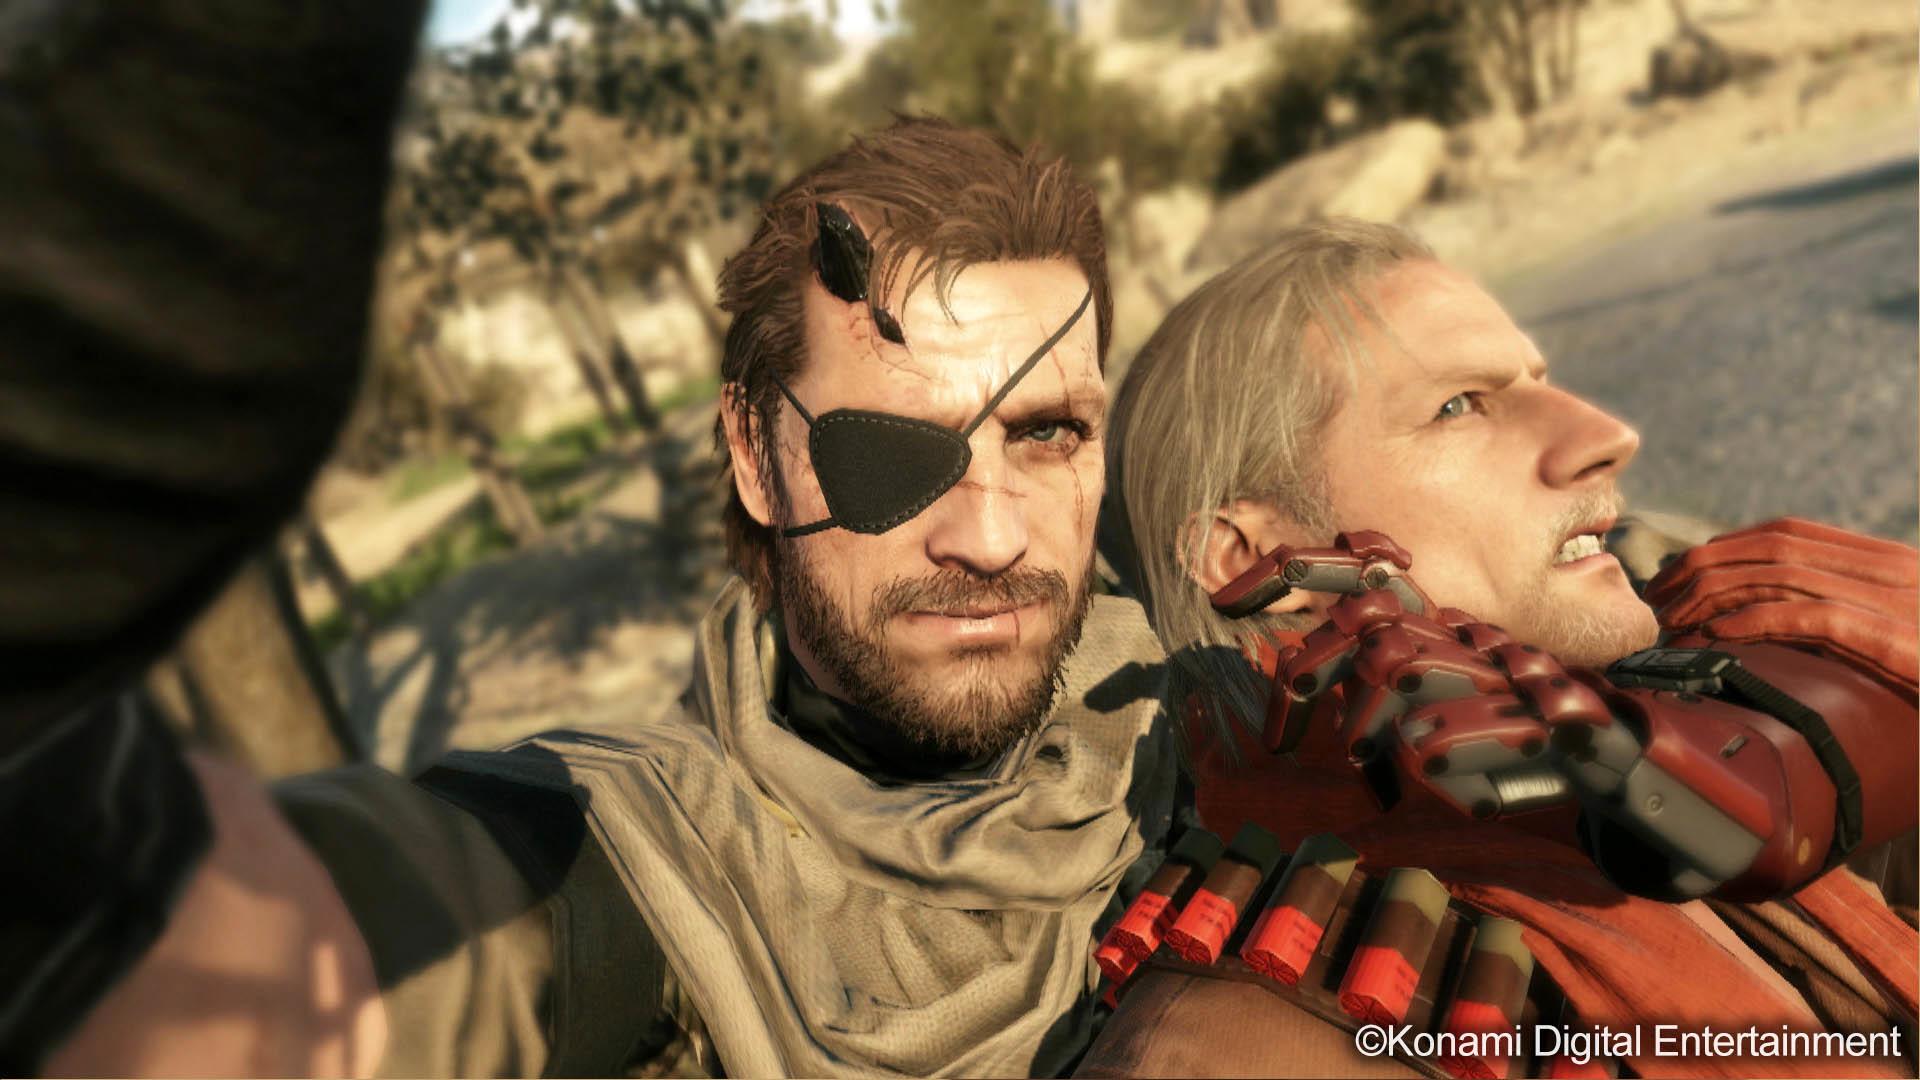 Big Boss & Ocelot Scene – Metal Gear Solid V: The Phantom Pain  wallpaper